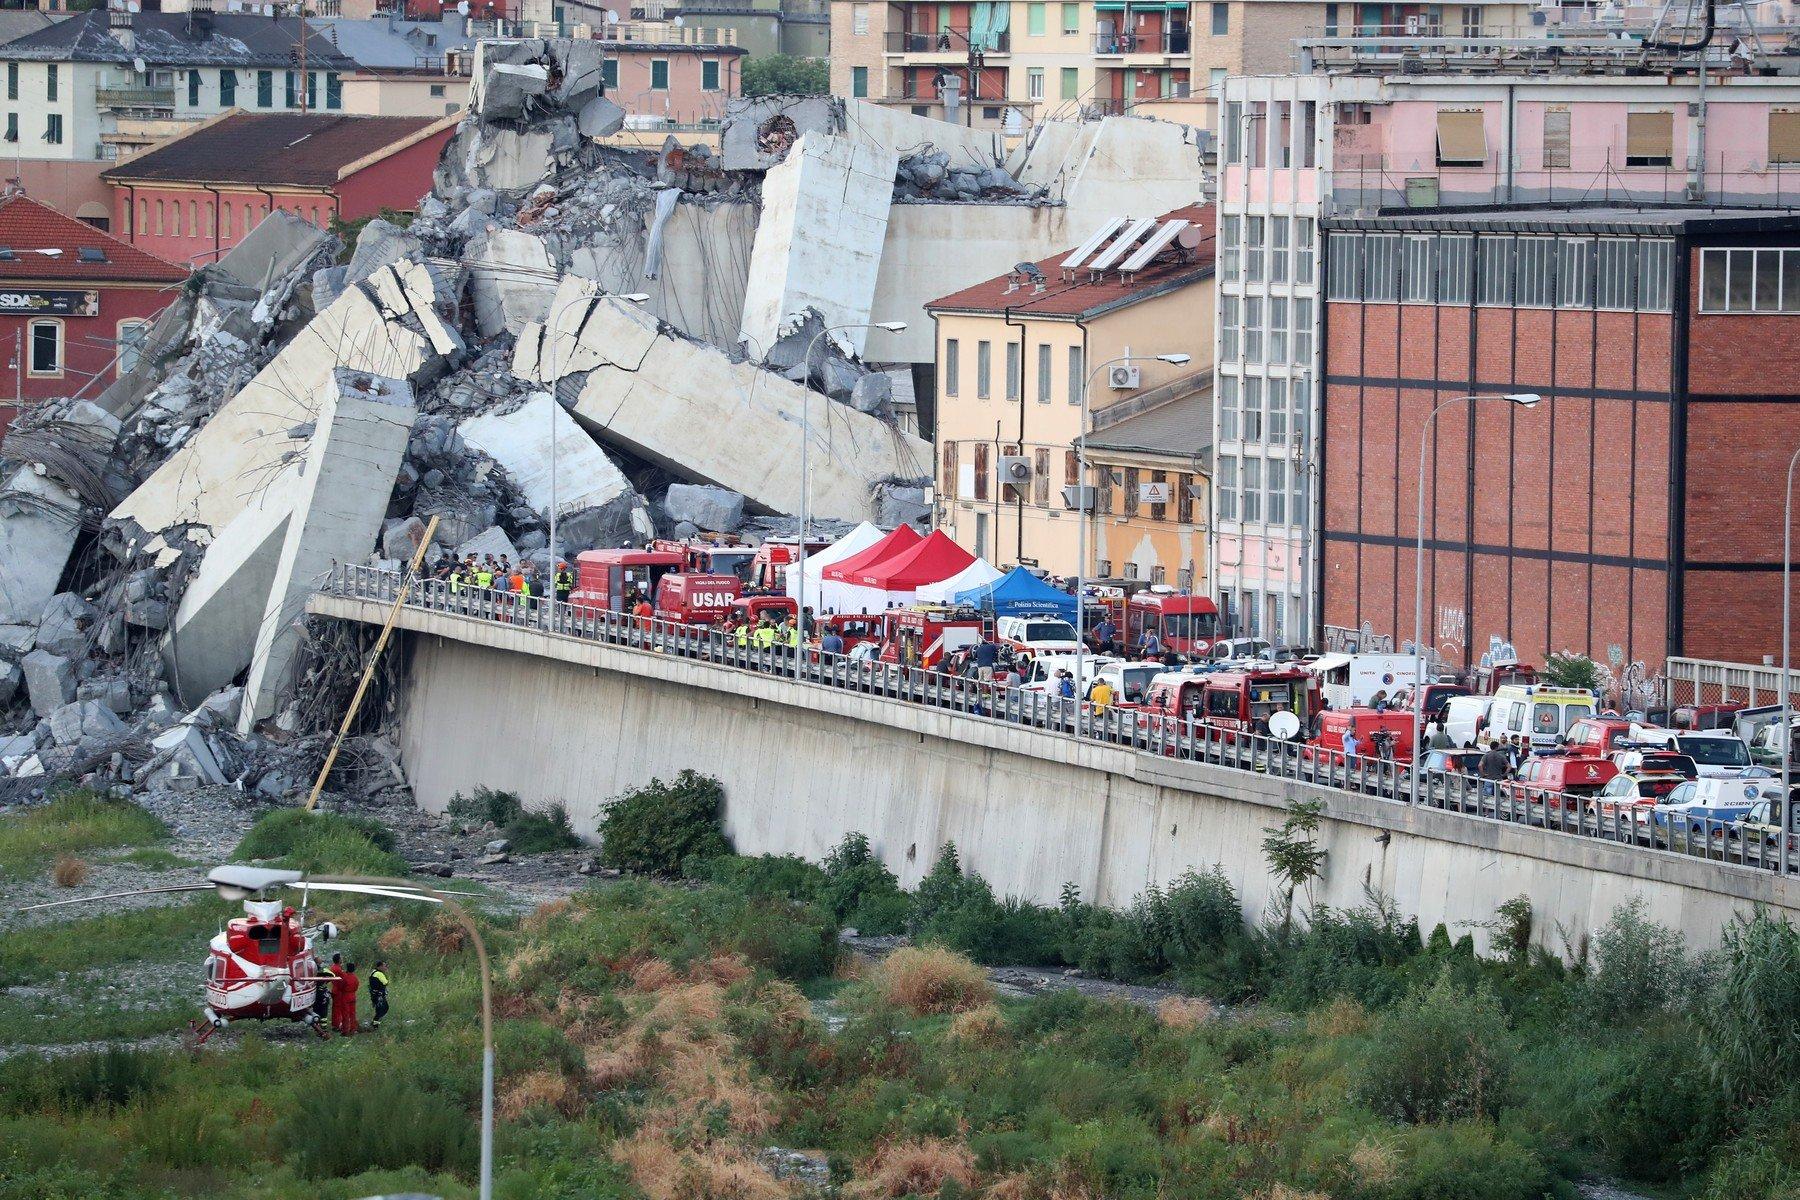 Vládnoucí Hnutí pěti hvězd označilo v roce 2013 varování před stavem janovského mostu za pohádku pro děti